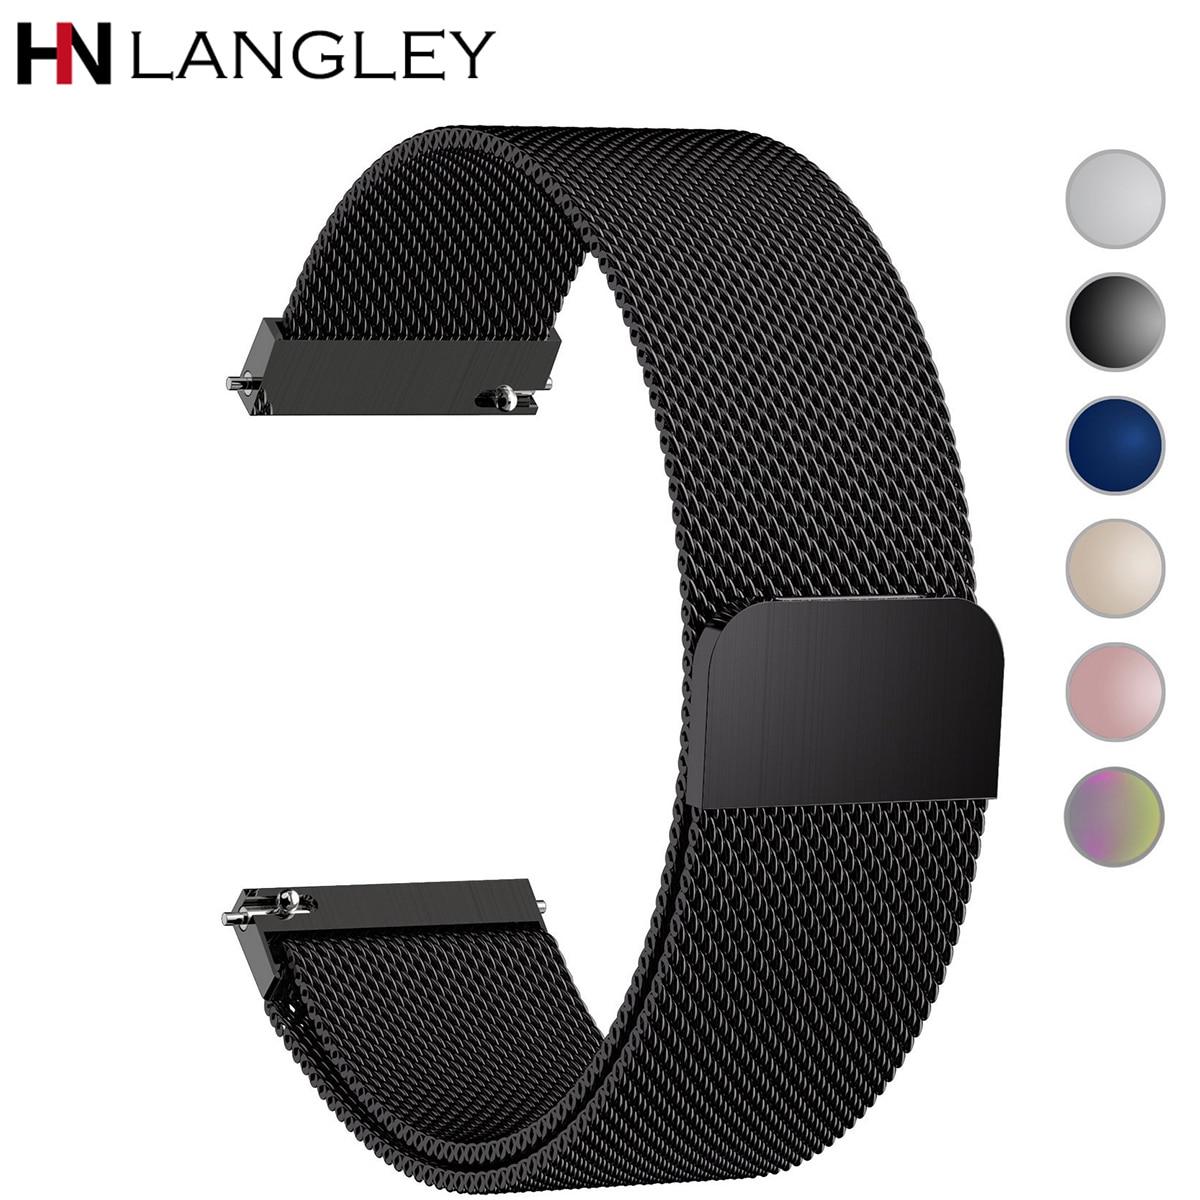 Bracelet de montre à dégagement rapide général fermeture magnétique milanaise bracelet de montre intelligente en acier inoxydable bracelet de remplacement 18mm 20mm 22mm